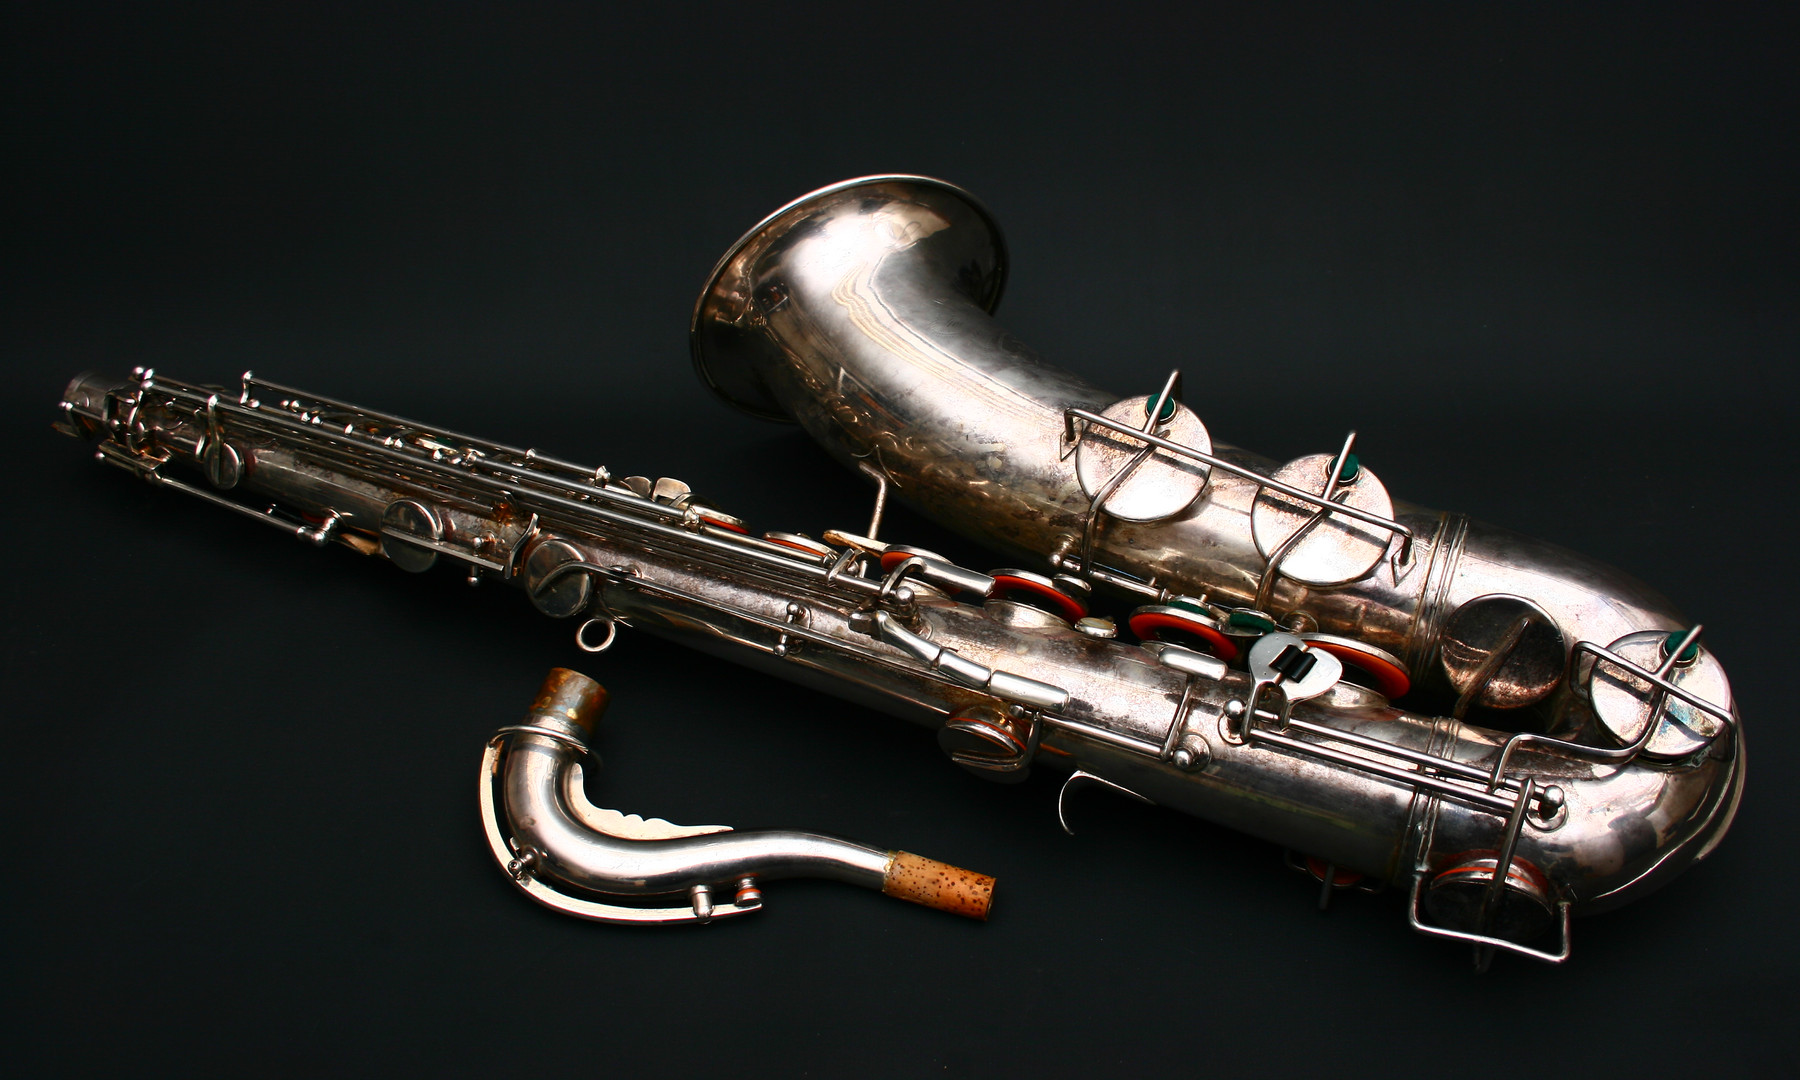 Tenorsaxophon C. Wulritzer Migma - Saxophon Manufaktur Marx